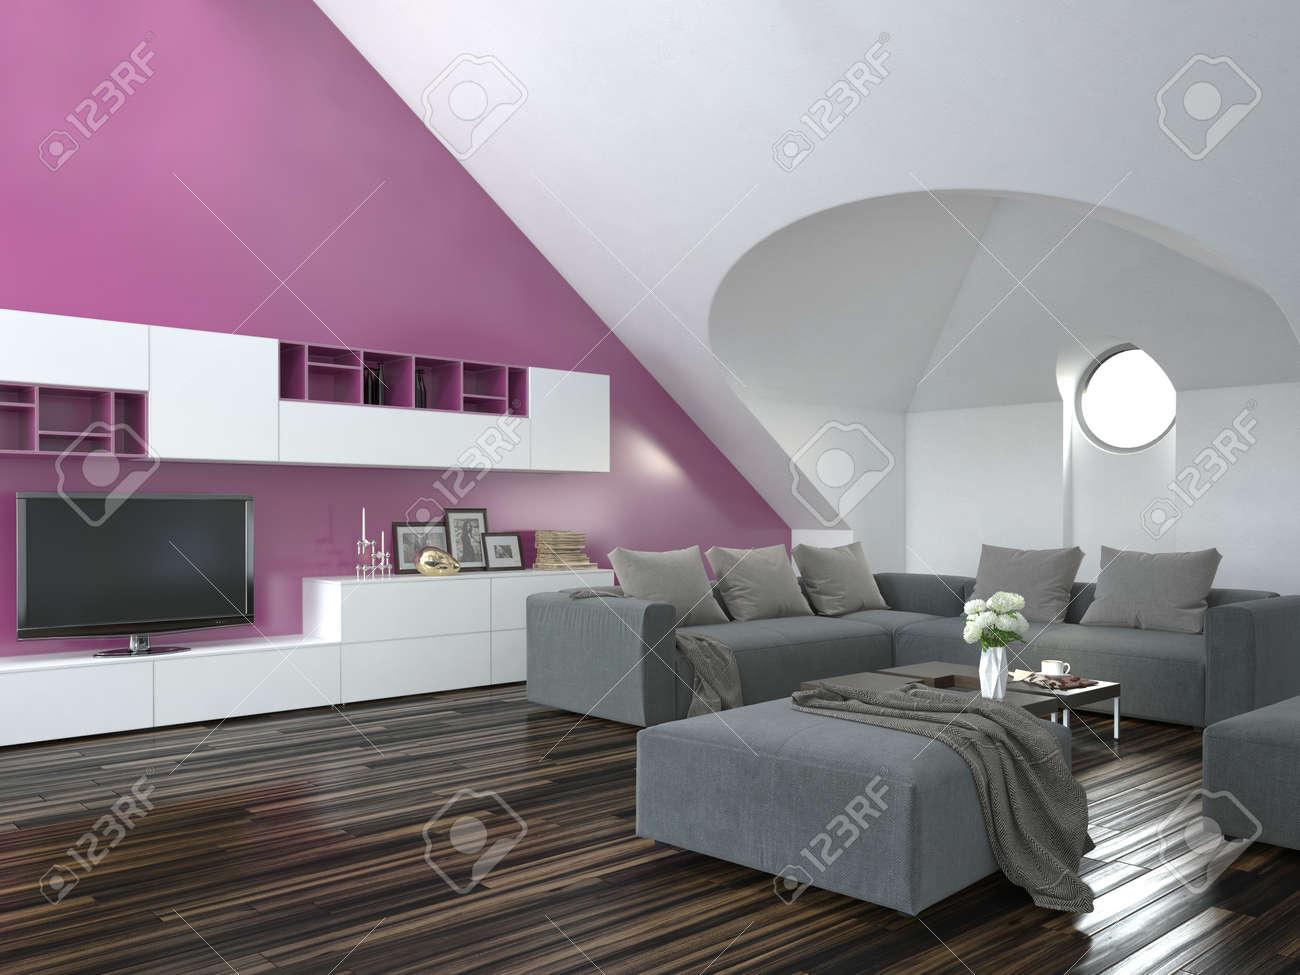 La vie moderne loft intérieur de la chambre avec un plafond en ...